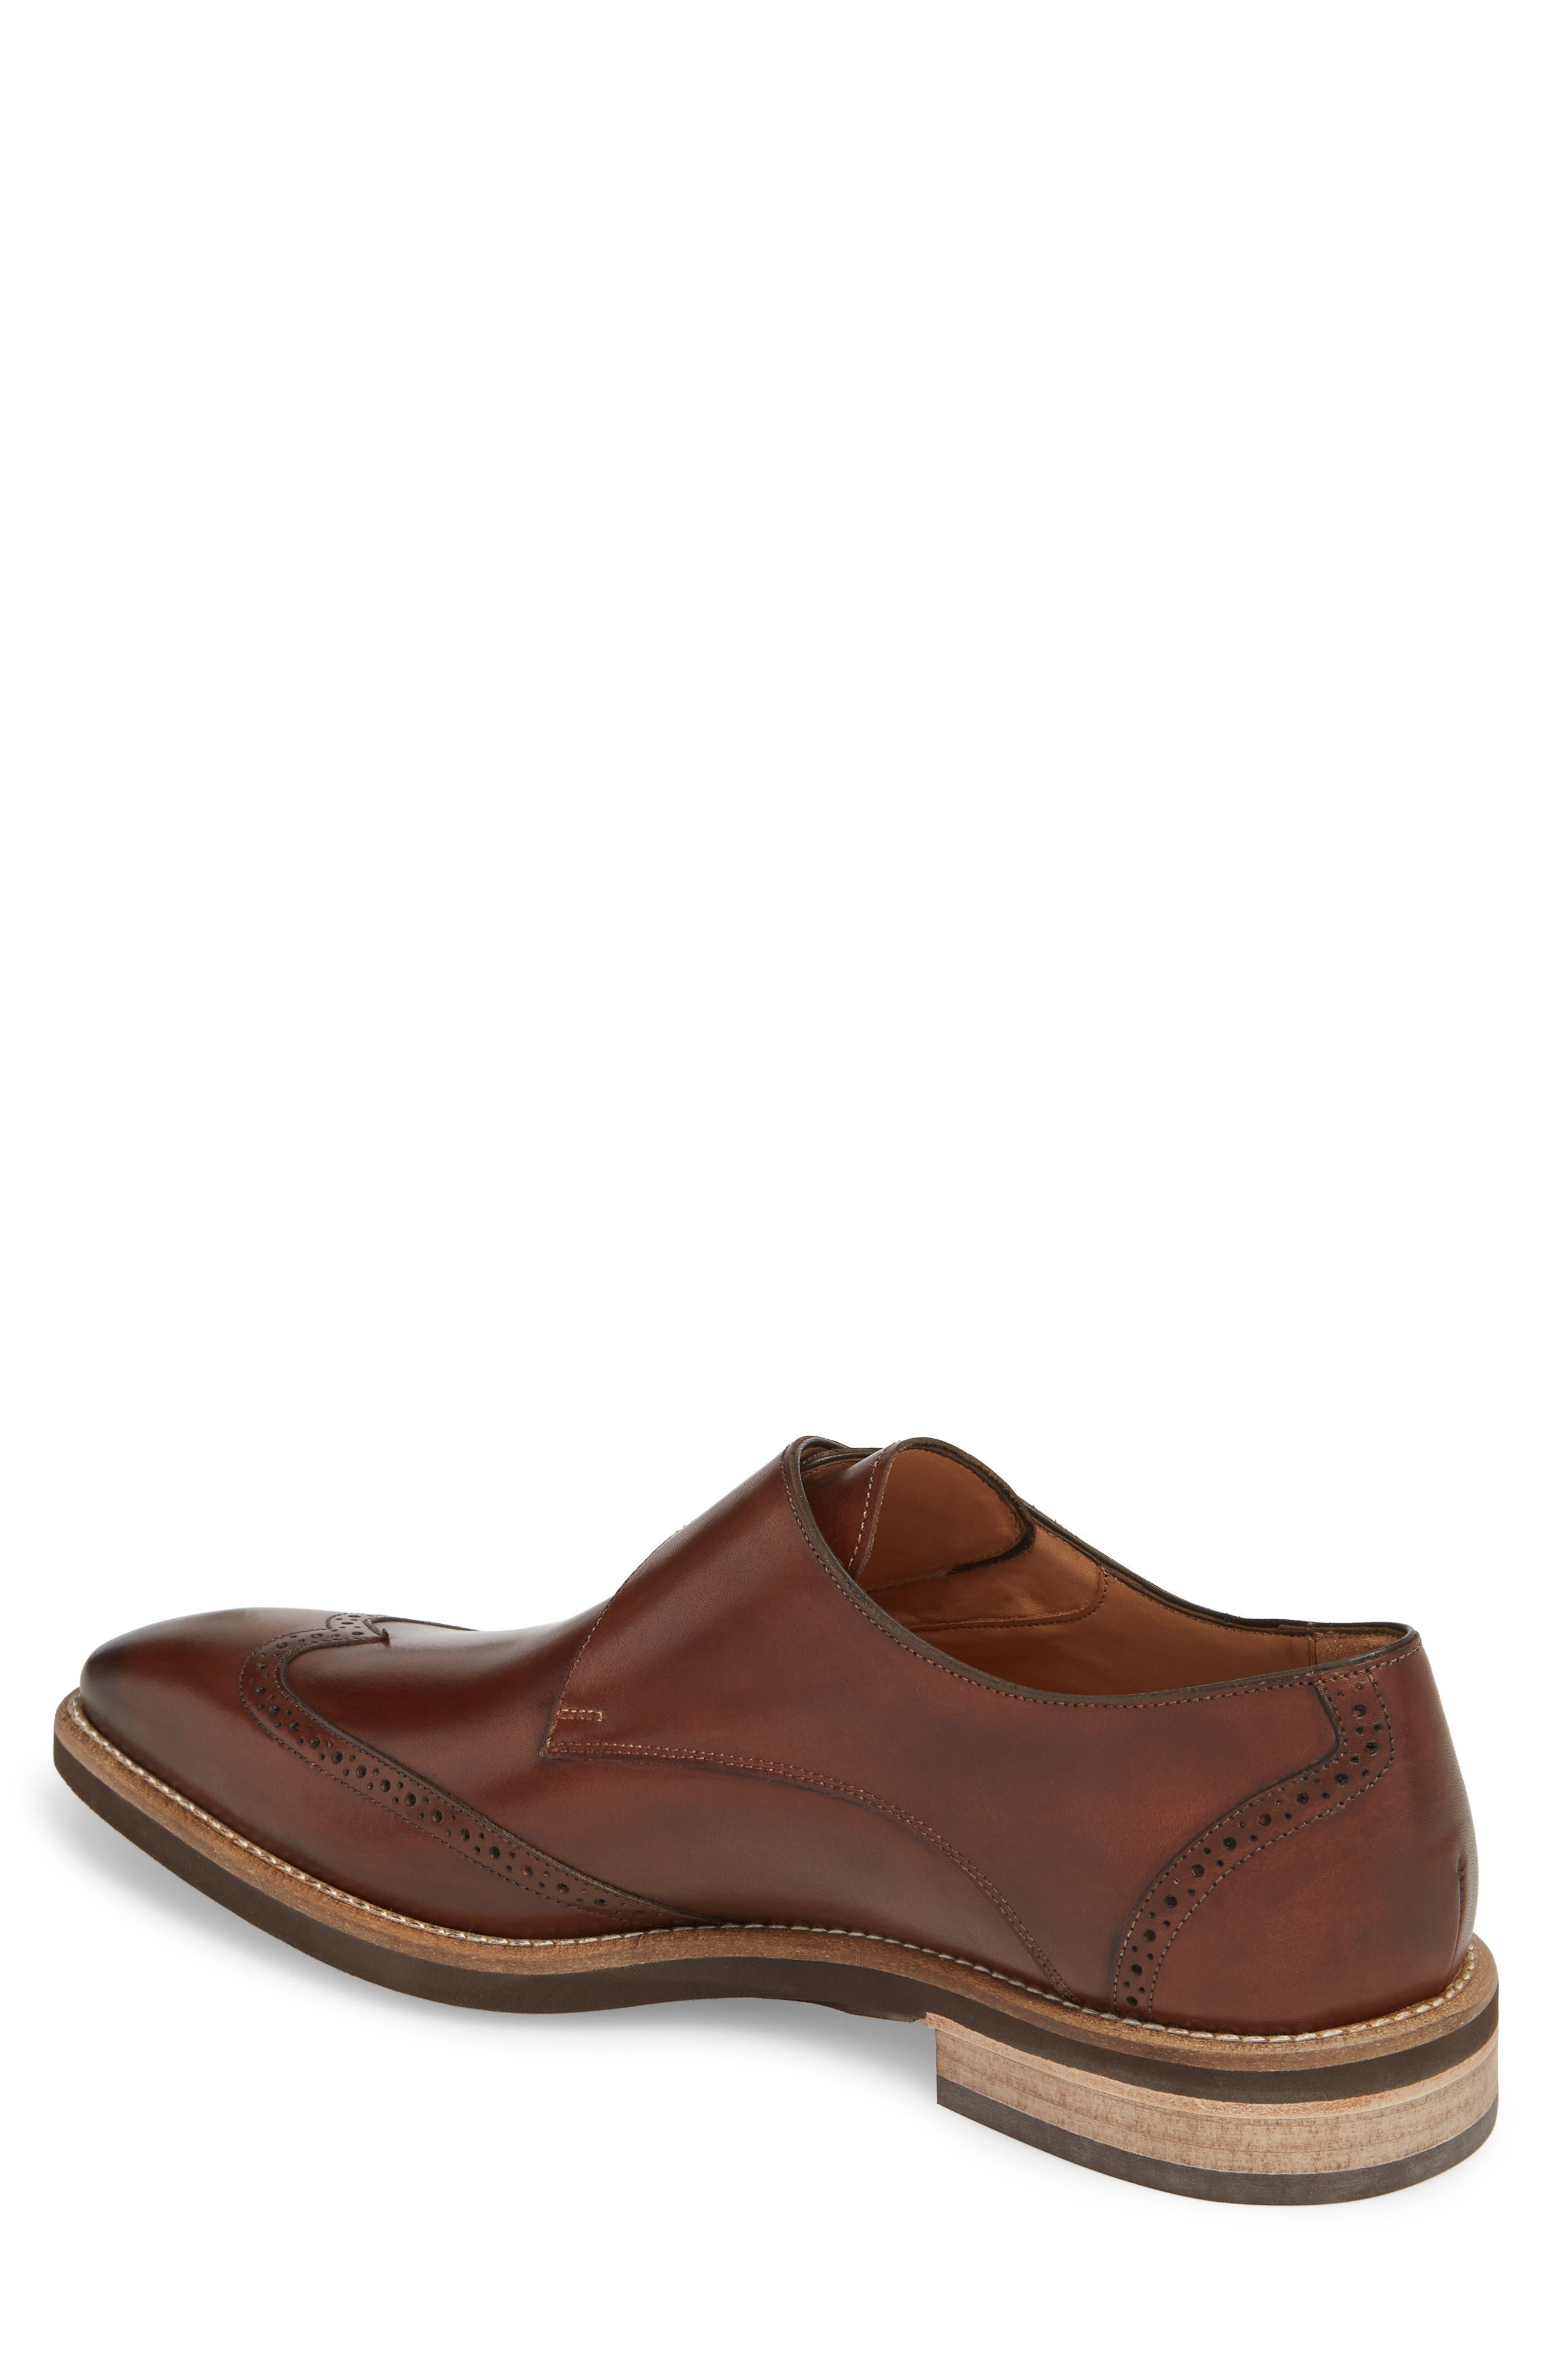 Feresta Wingtip Monk Shoe,                             Alternate thumbnail 2, color,                             COGNAC